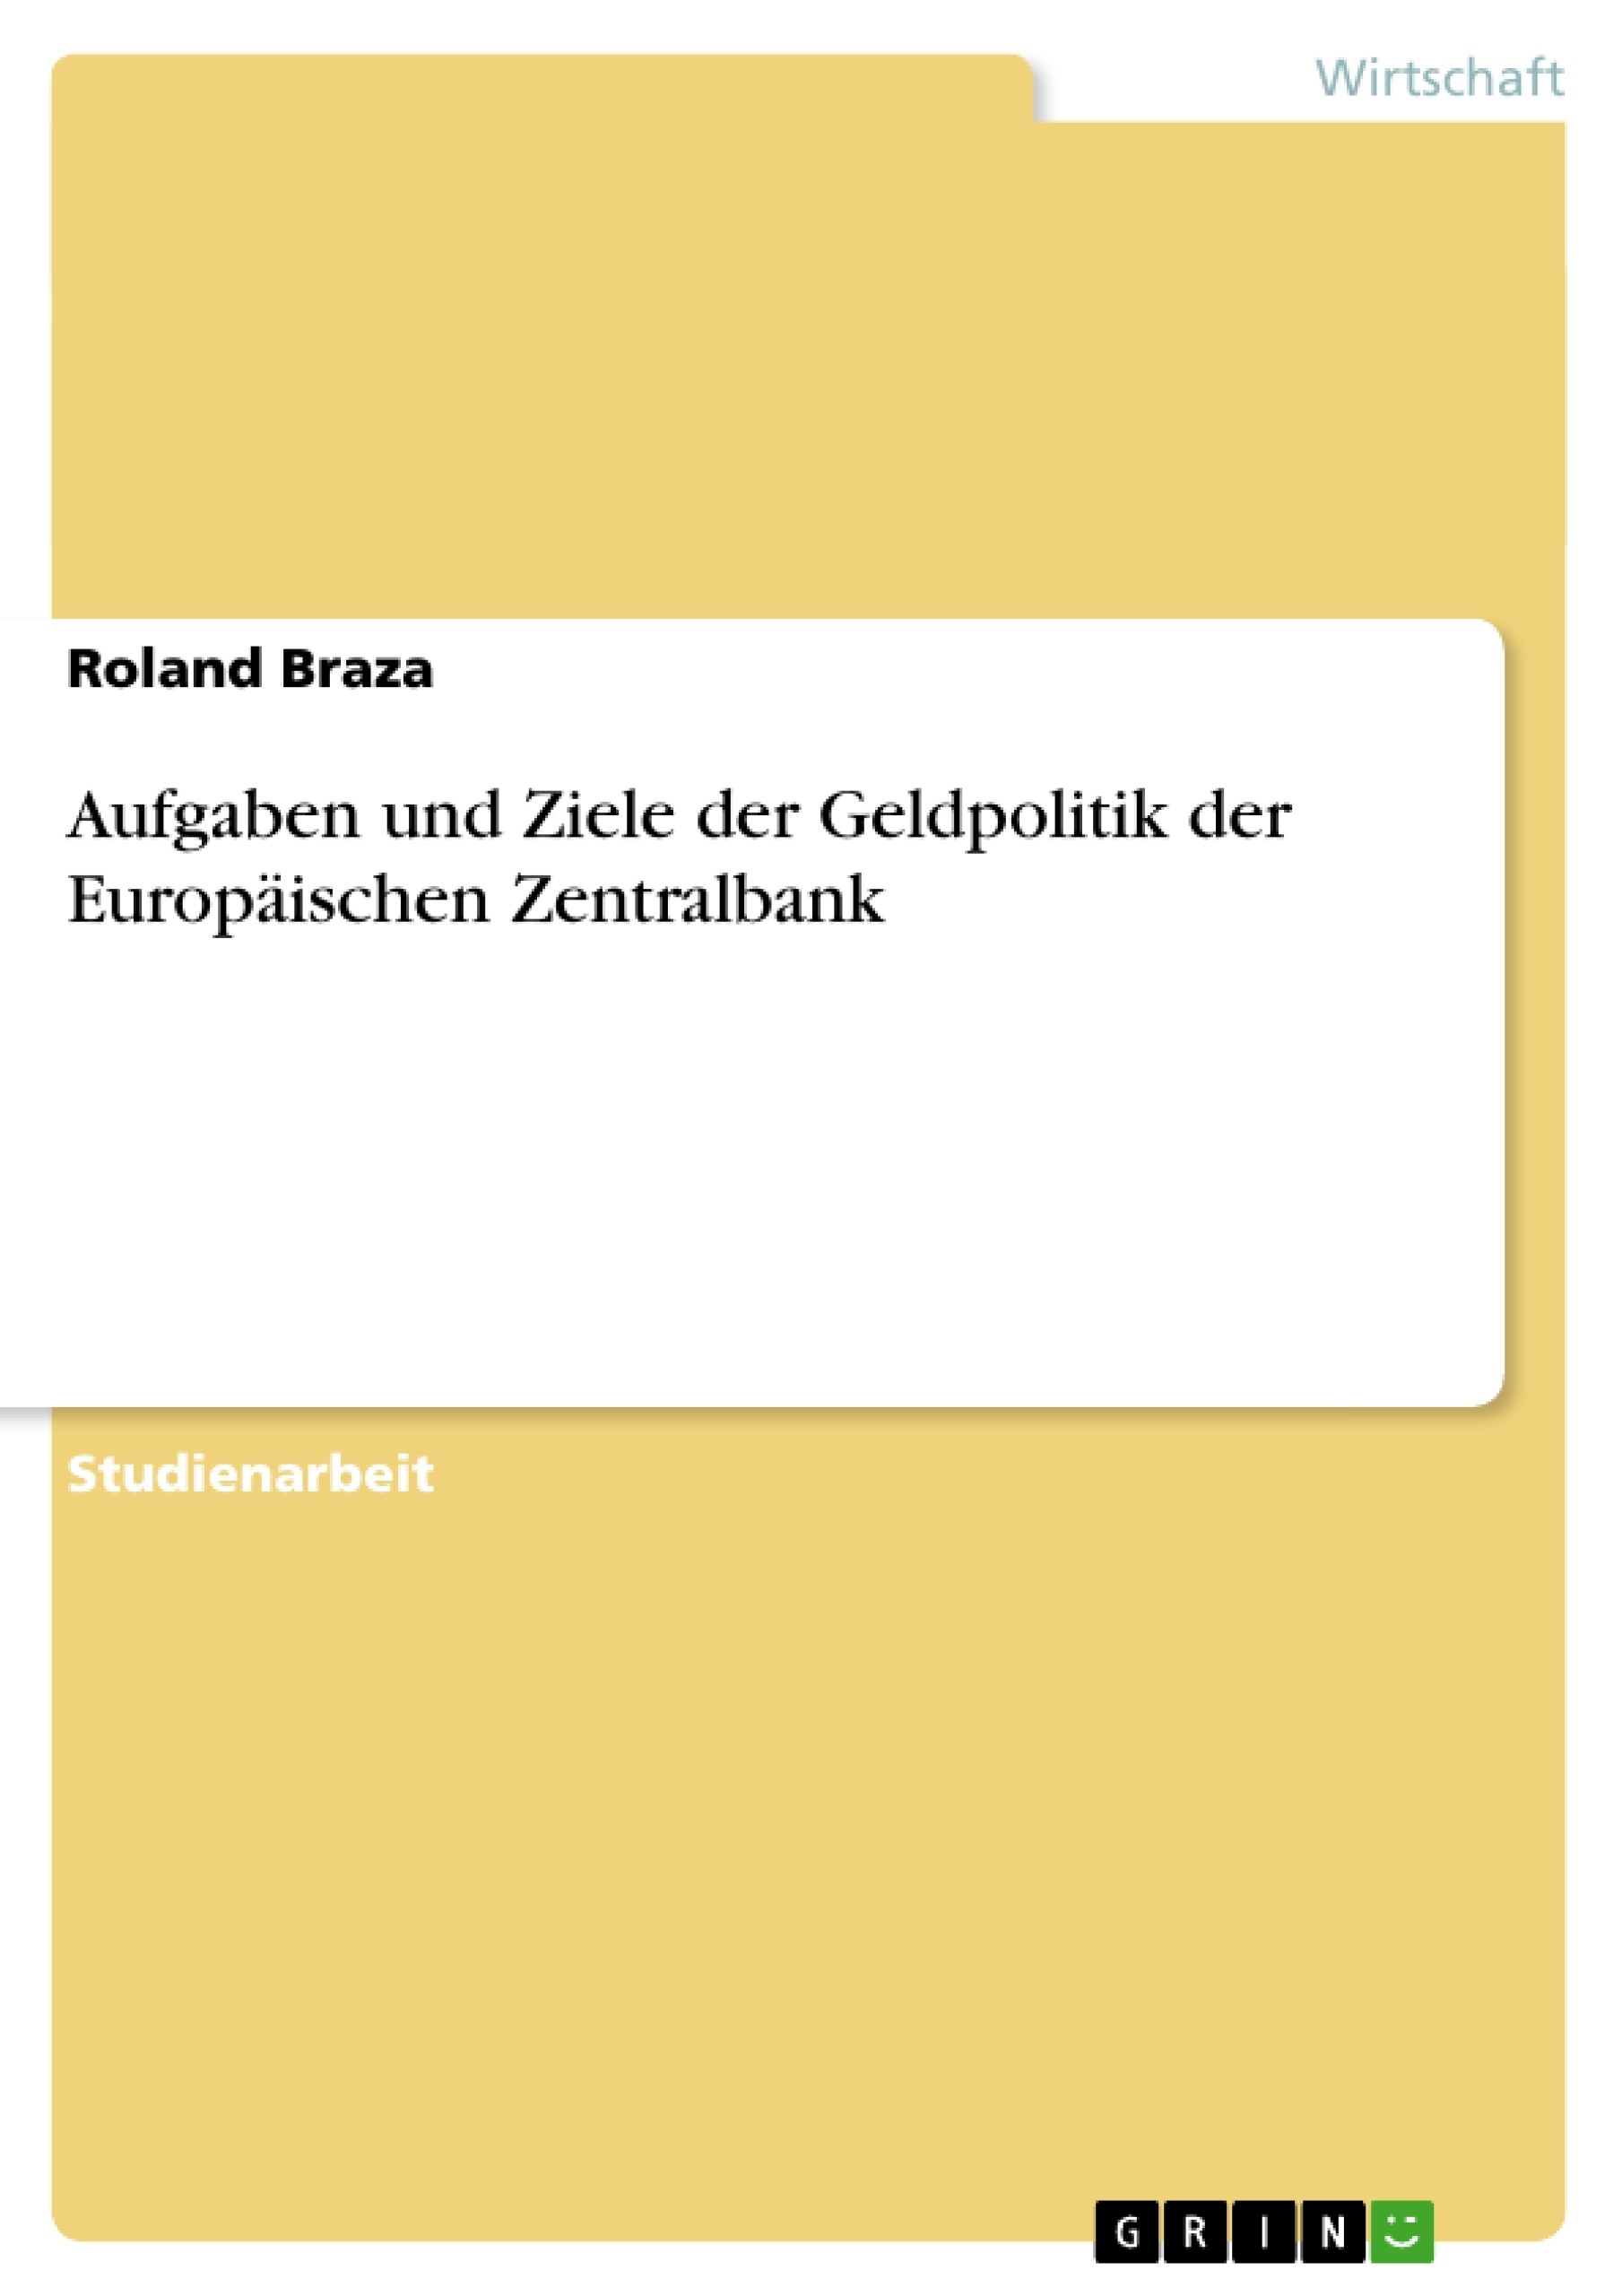 Titel: Aufgaben und Ziele der Geldpolitik der Europäischen Zentralbank